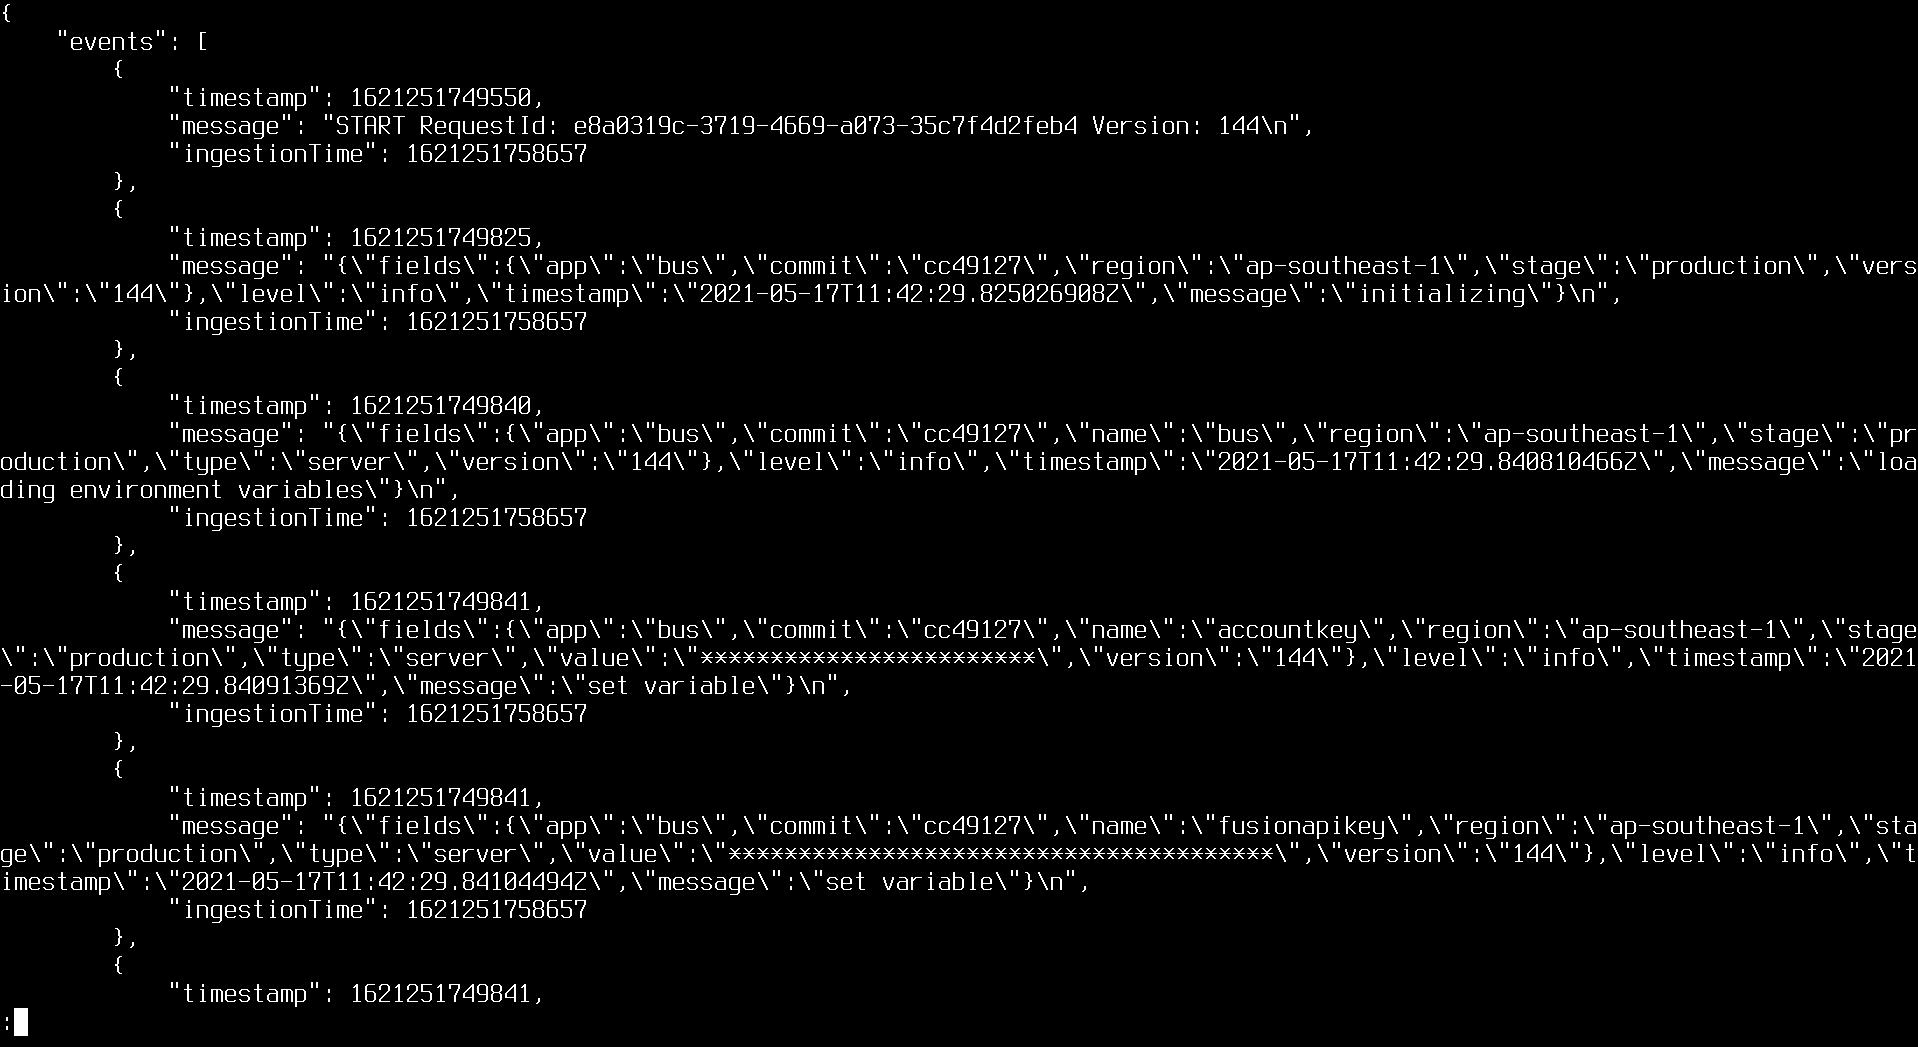 get-log-events